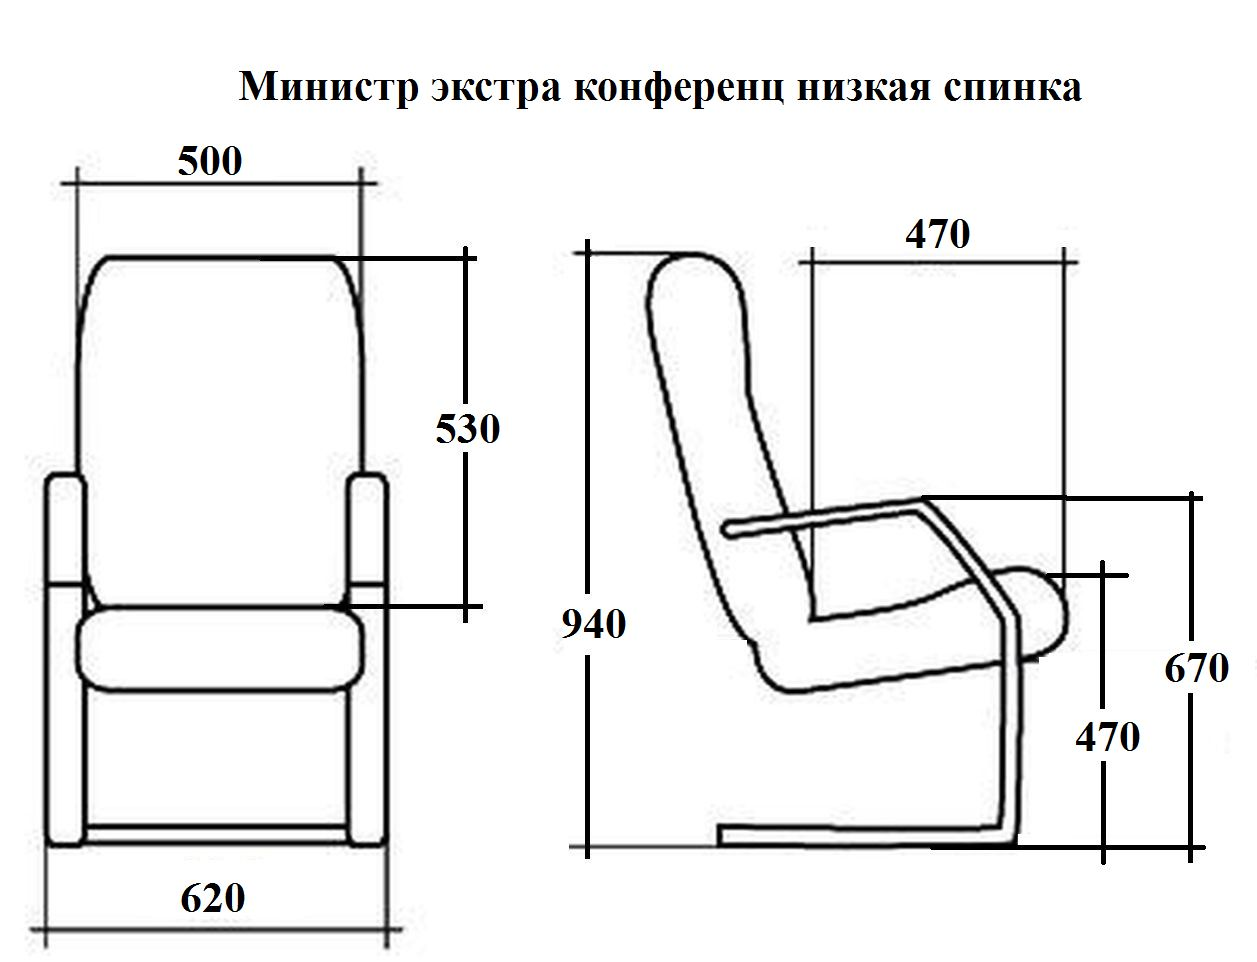 Схема Министр